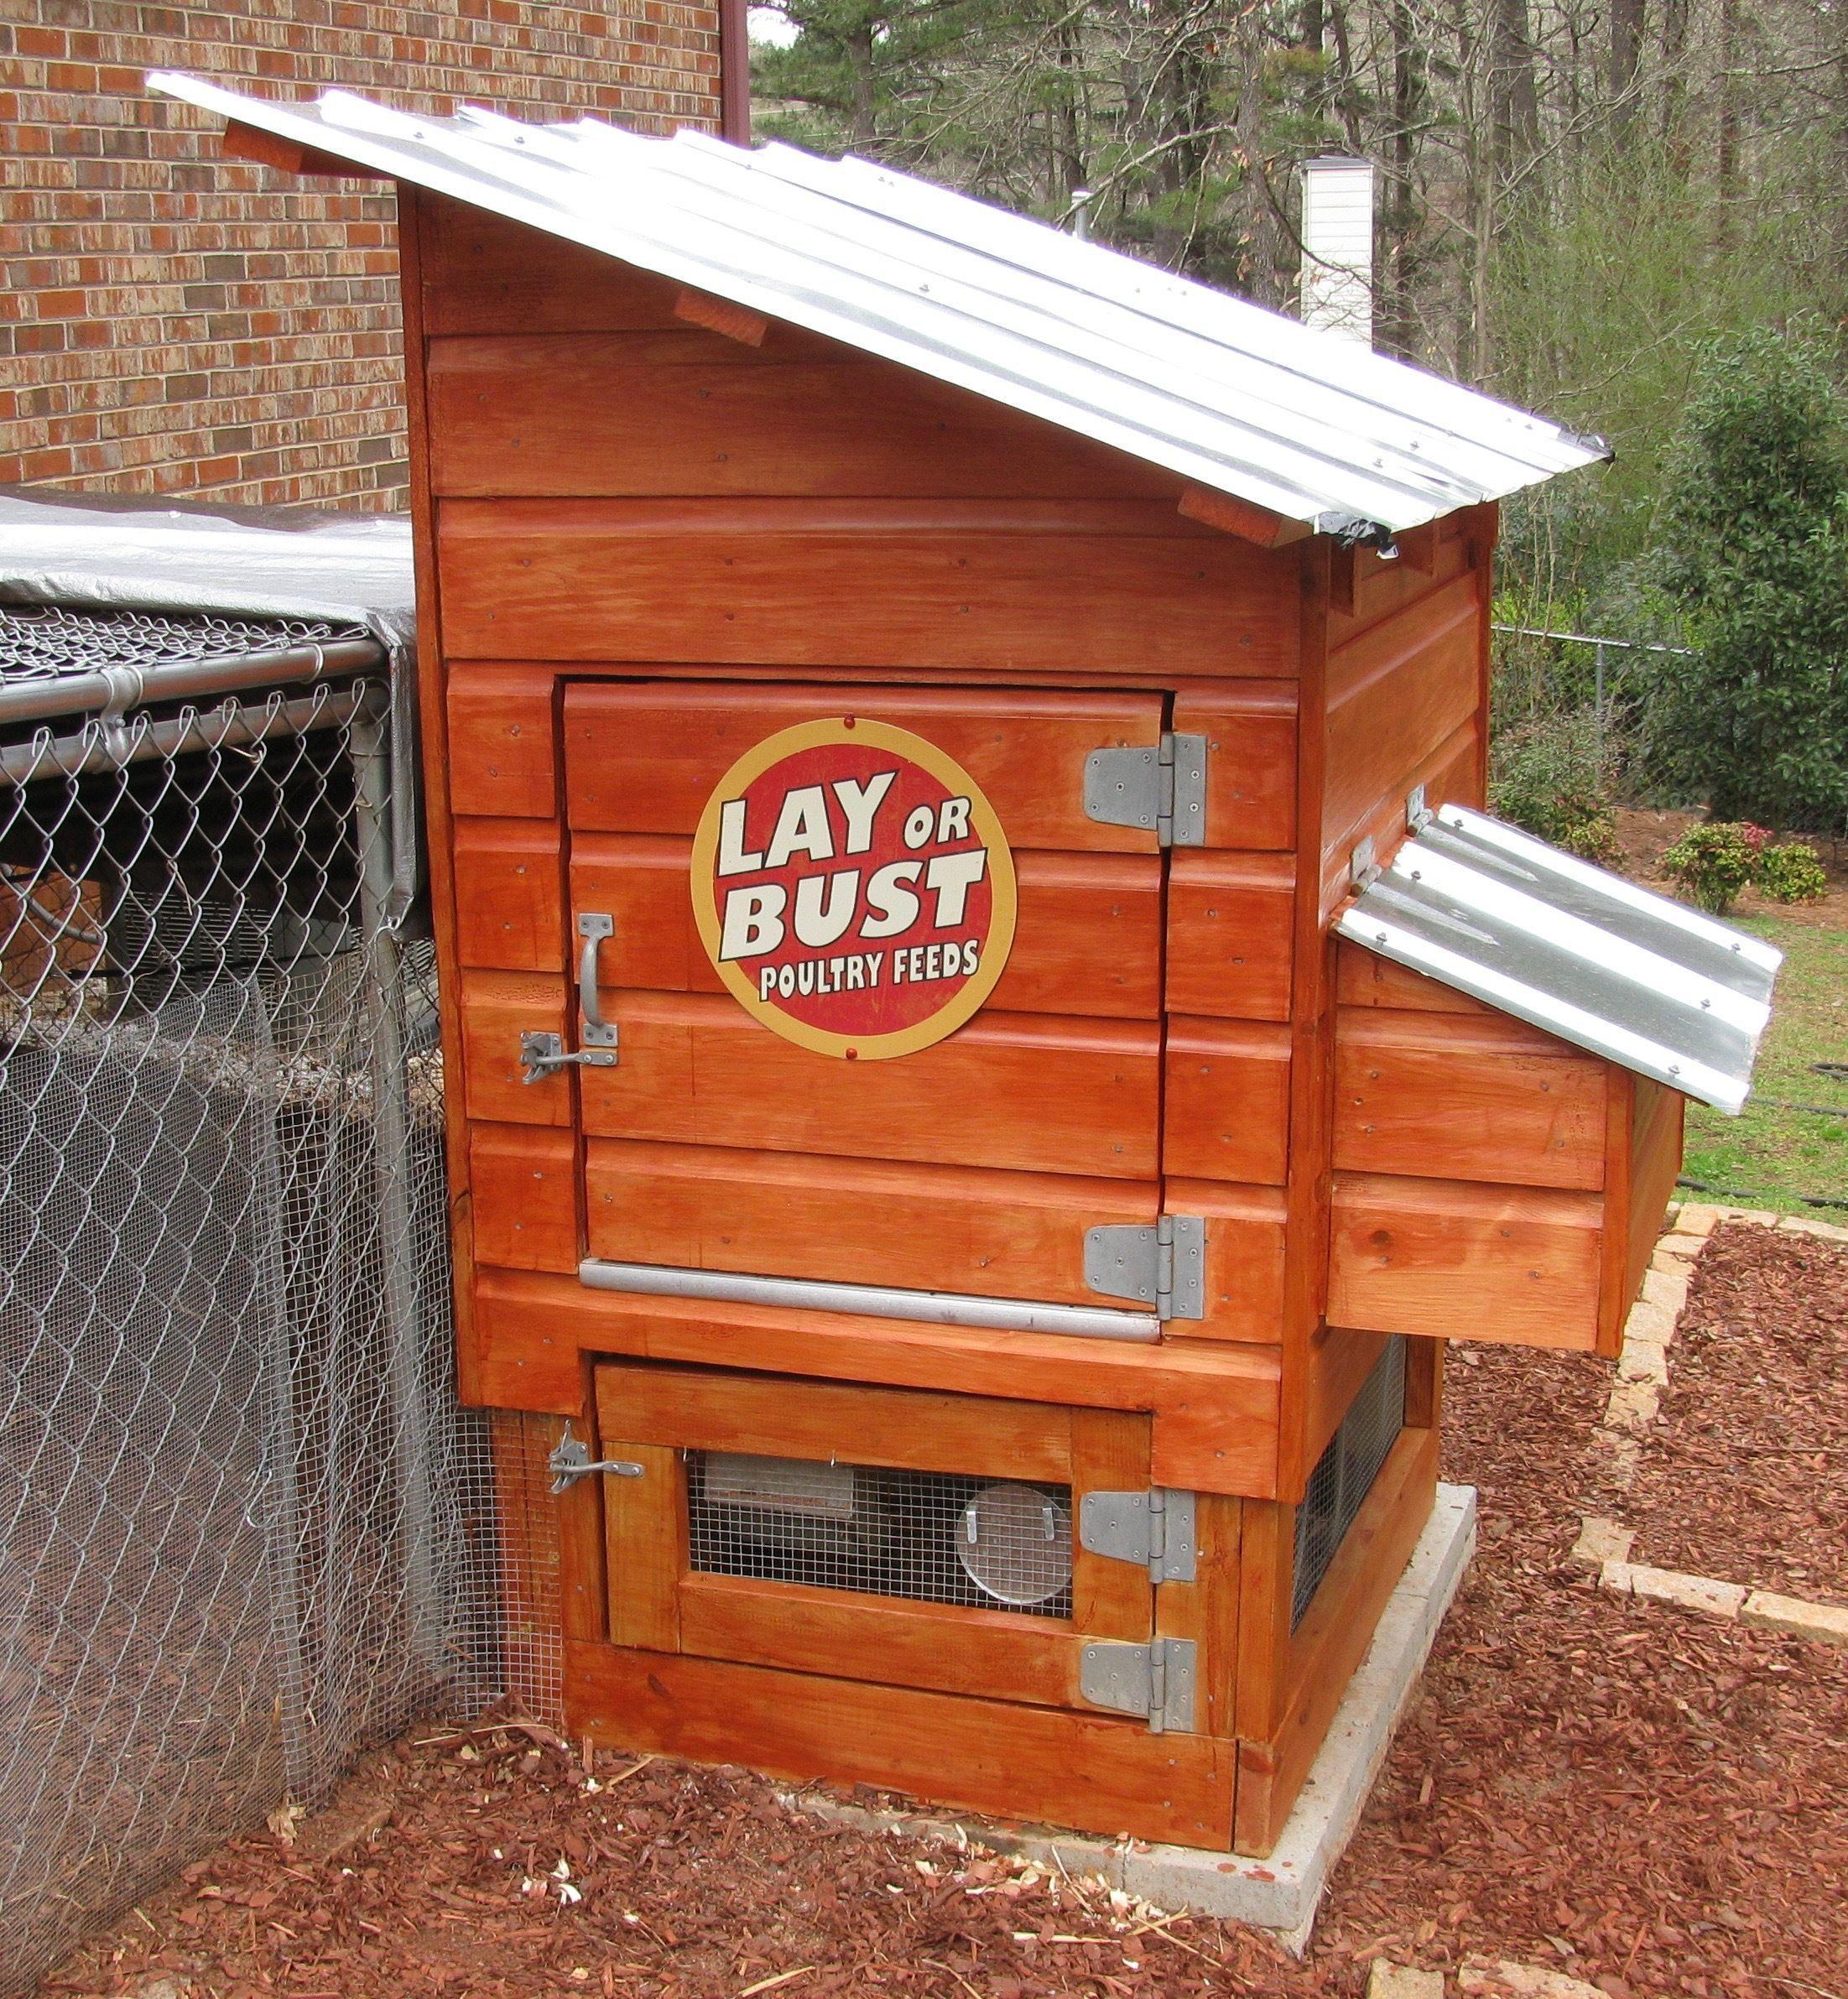 The Atlanta Backyard Poultry Meetup Group